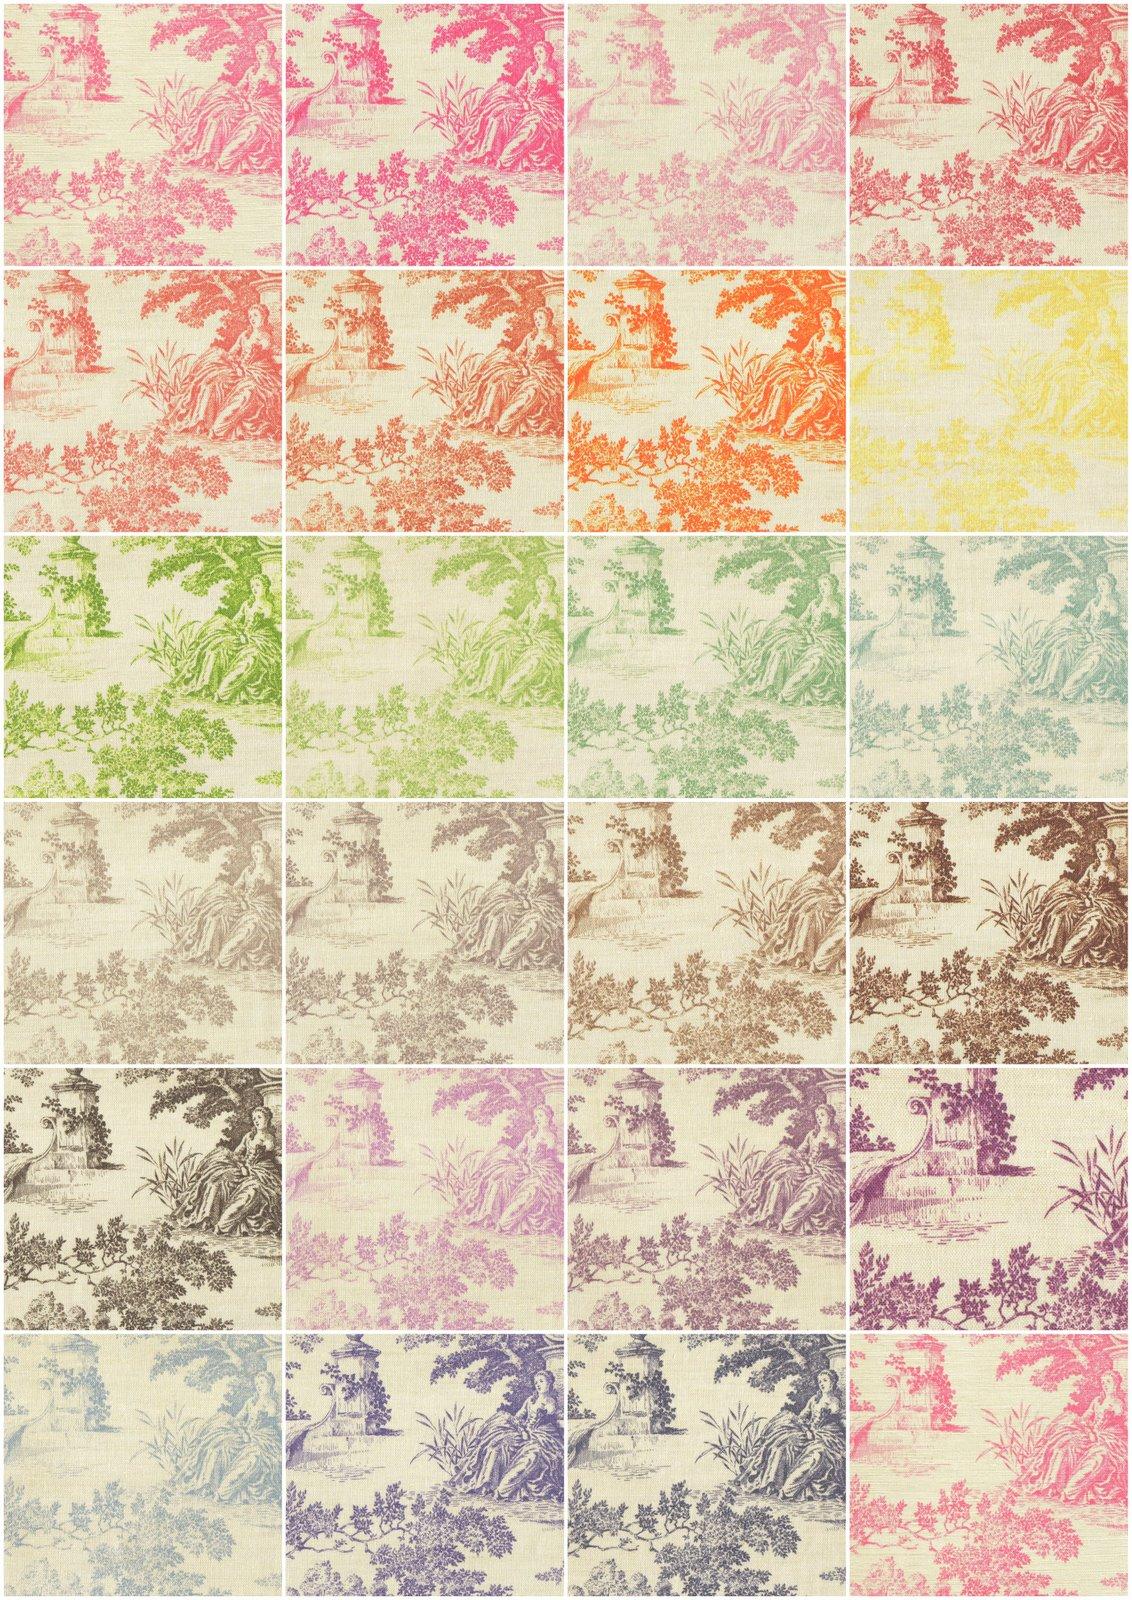 http://3.bp.blogspot.com/_tSqYnVBq6Is/TNKyKHKKF1I/AAAAAAAADVs/jewT9HdVCkI/s1600/toile+fabric.jpg